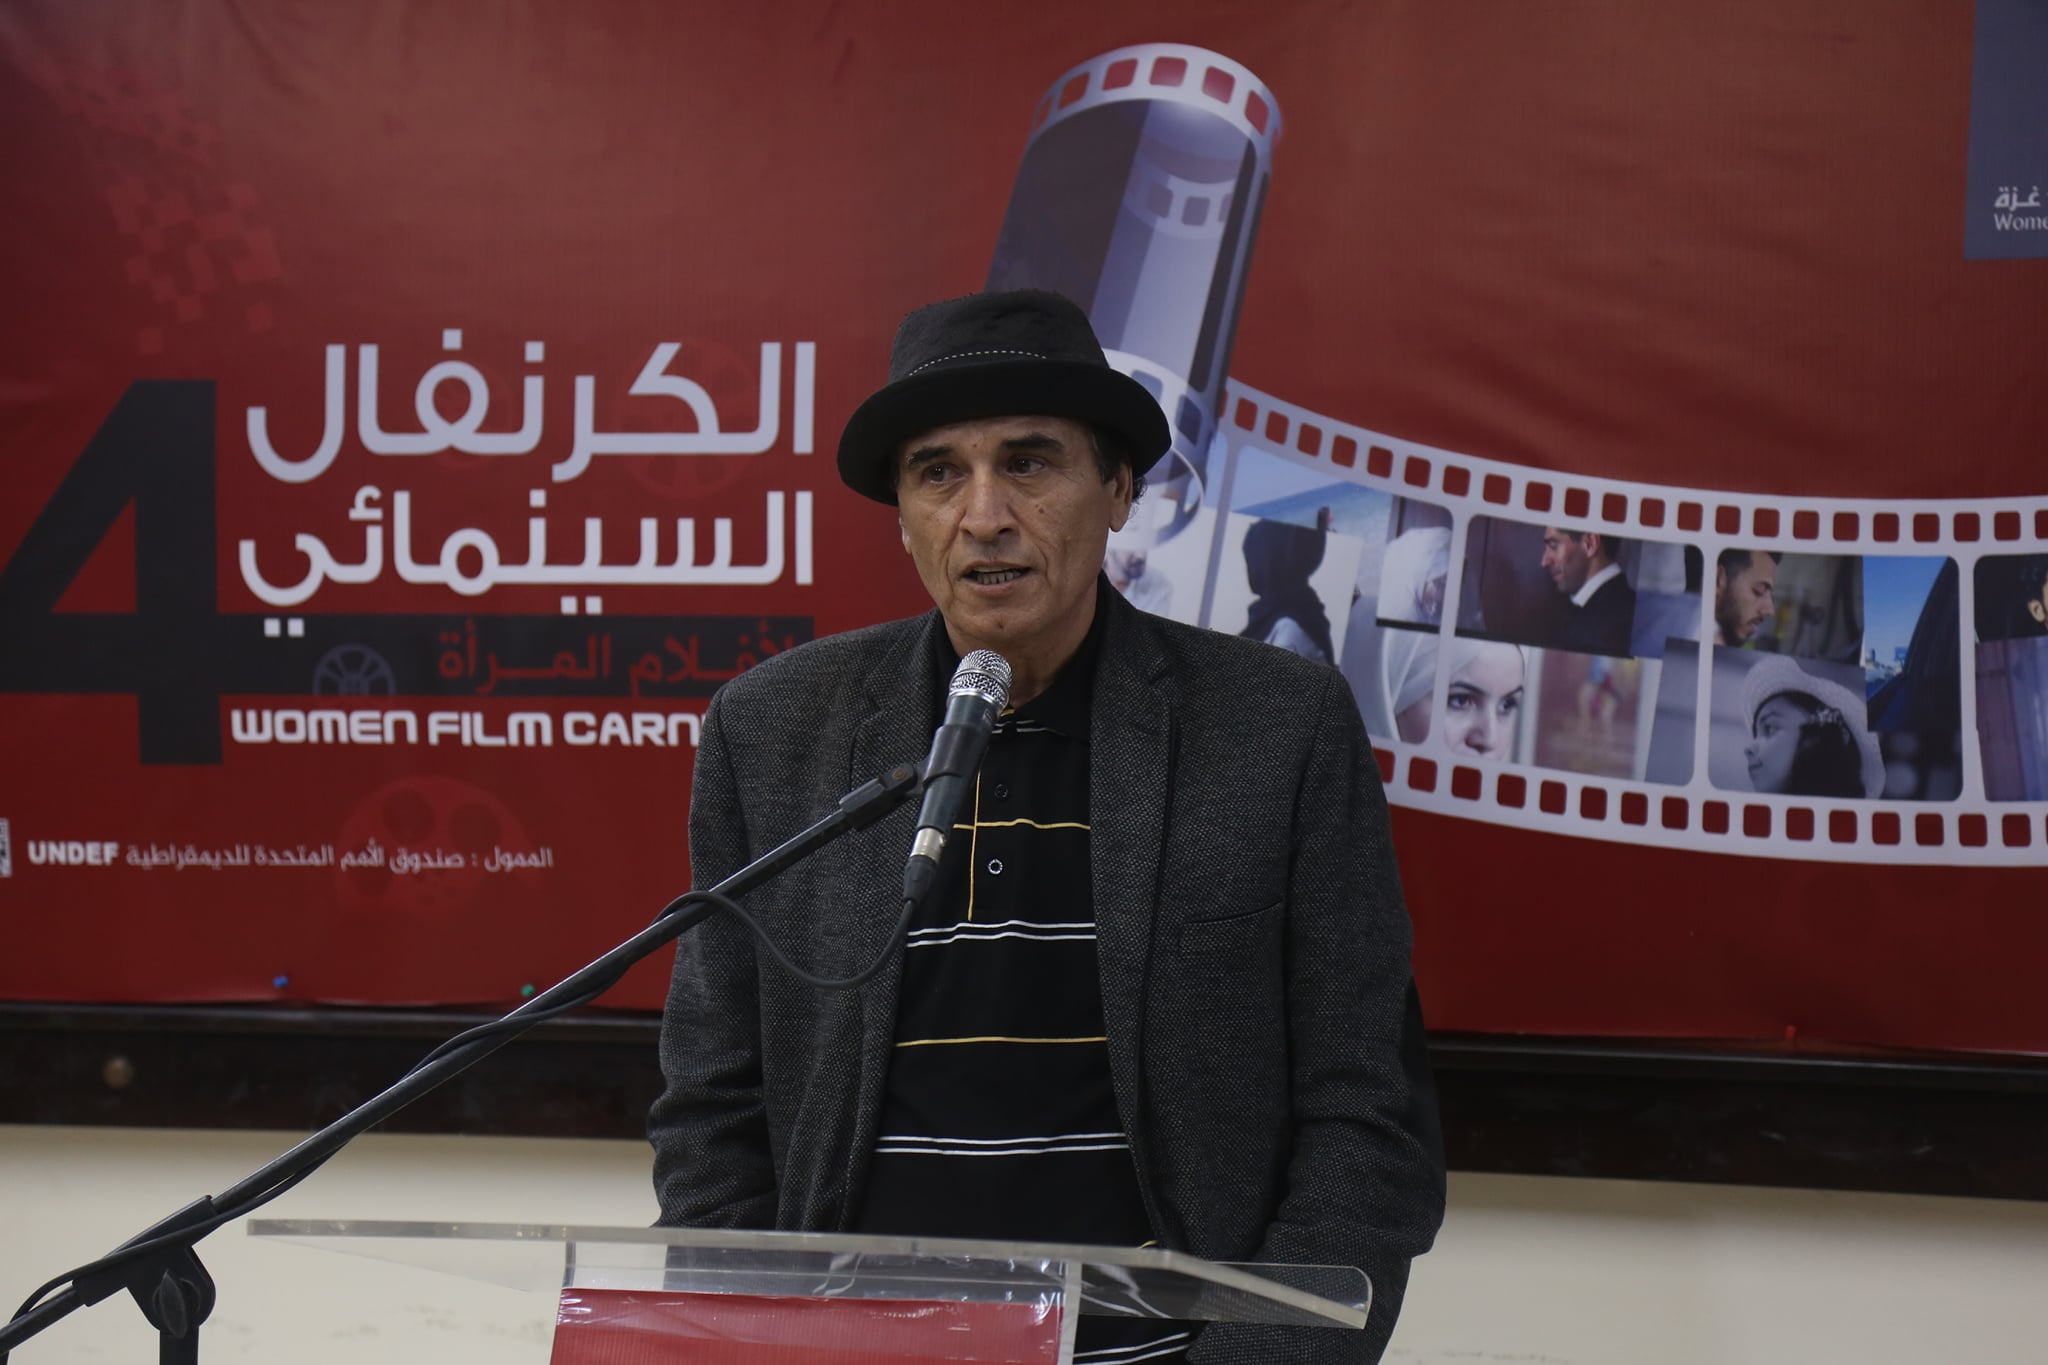 مركز شؤون المرأة يطلق كرنفاله السينمائي الرابع لأفلام المرأة